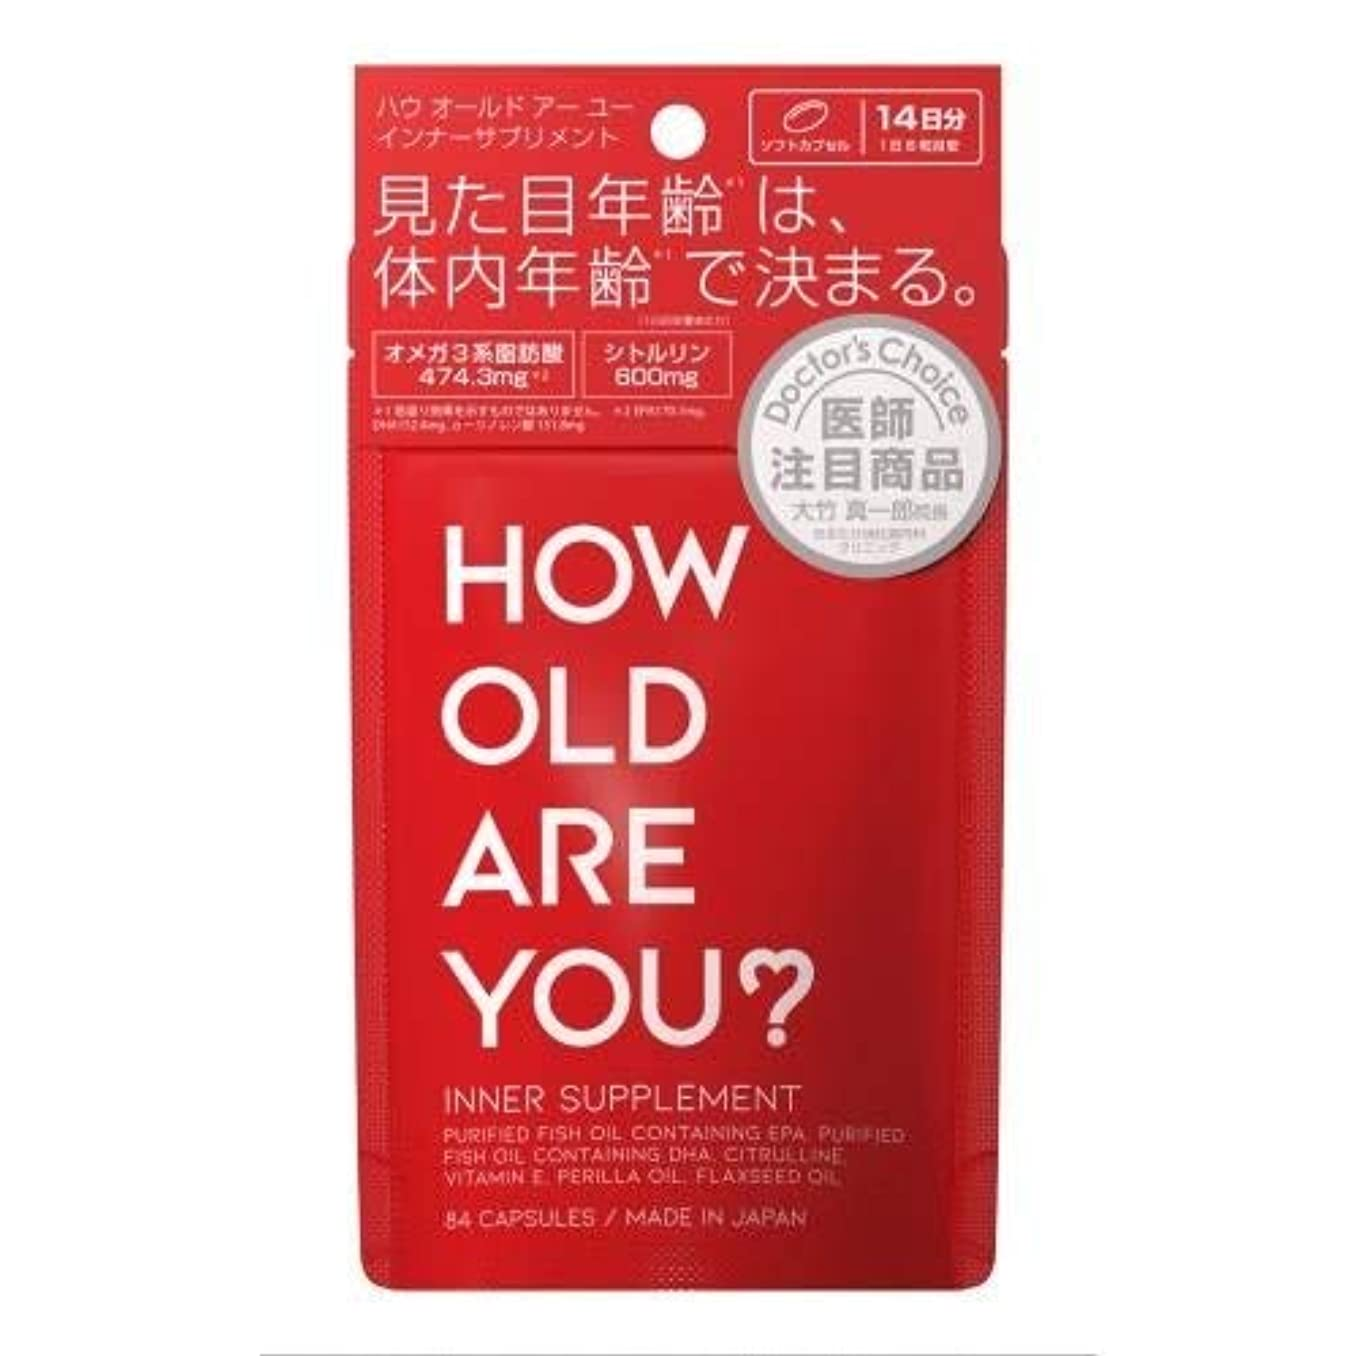 爆風因子頬HOW OLD ARE YOU?(ハウオールドアーユー) インナーサプリメント 84粒